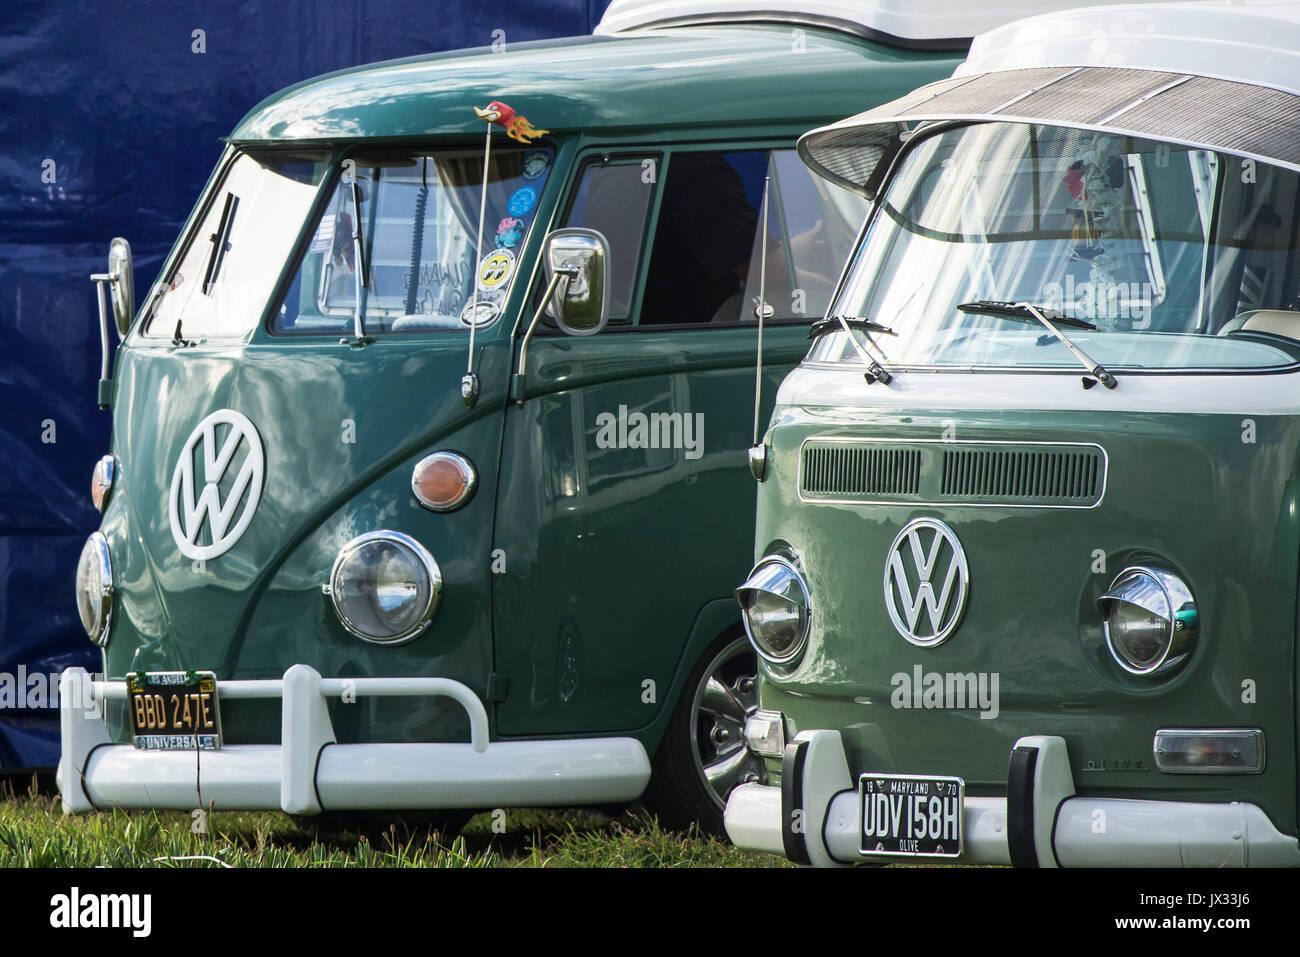 Vw Campervans Stock Photos & Vw Campervans Stock Images - Alamy